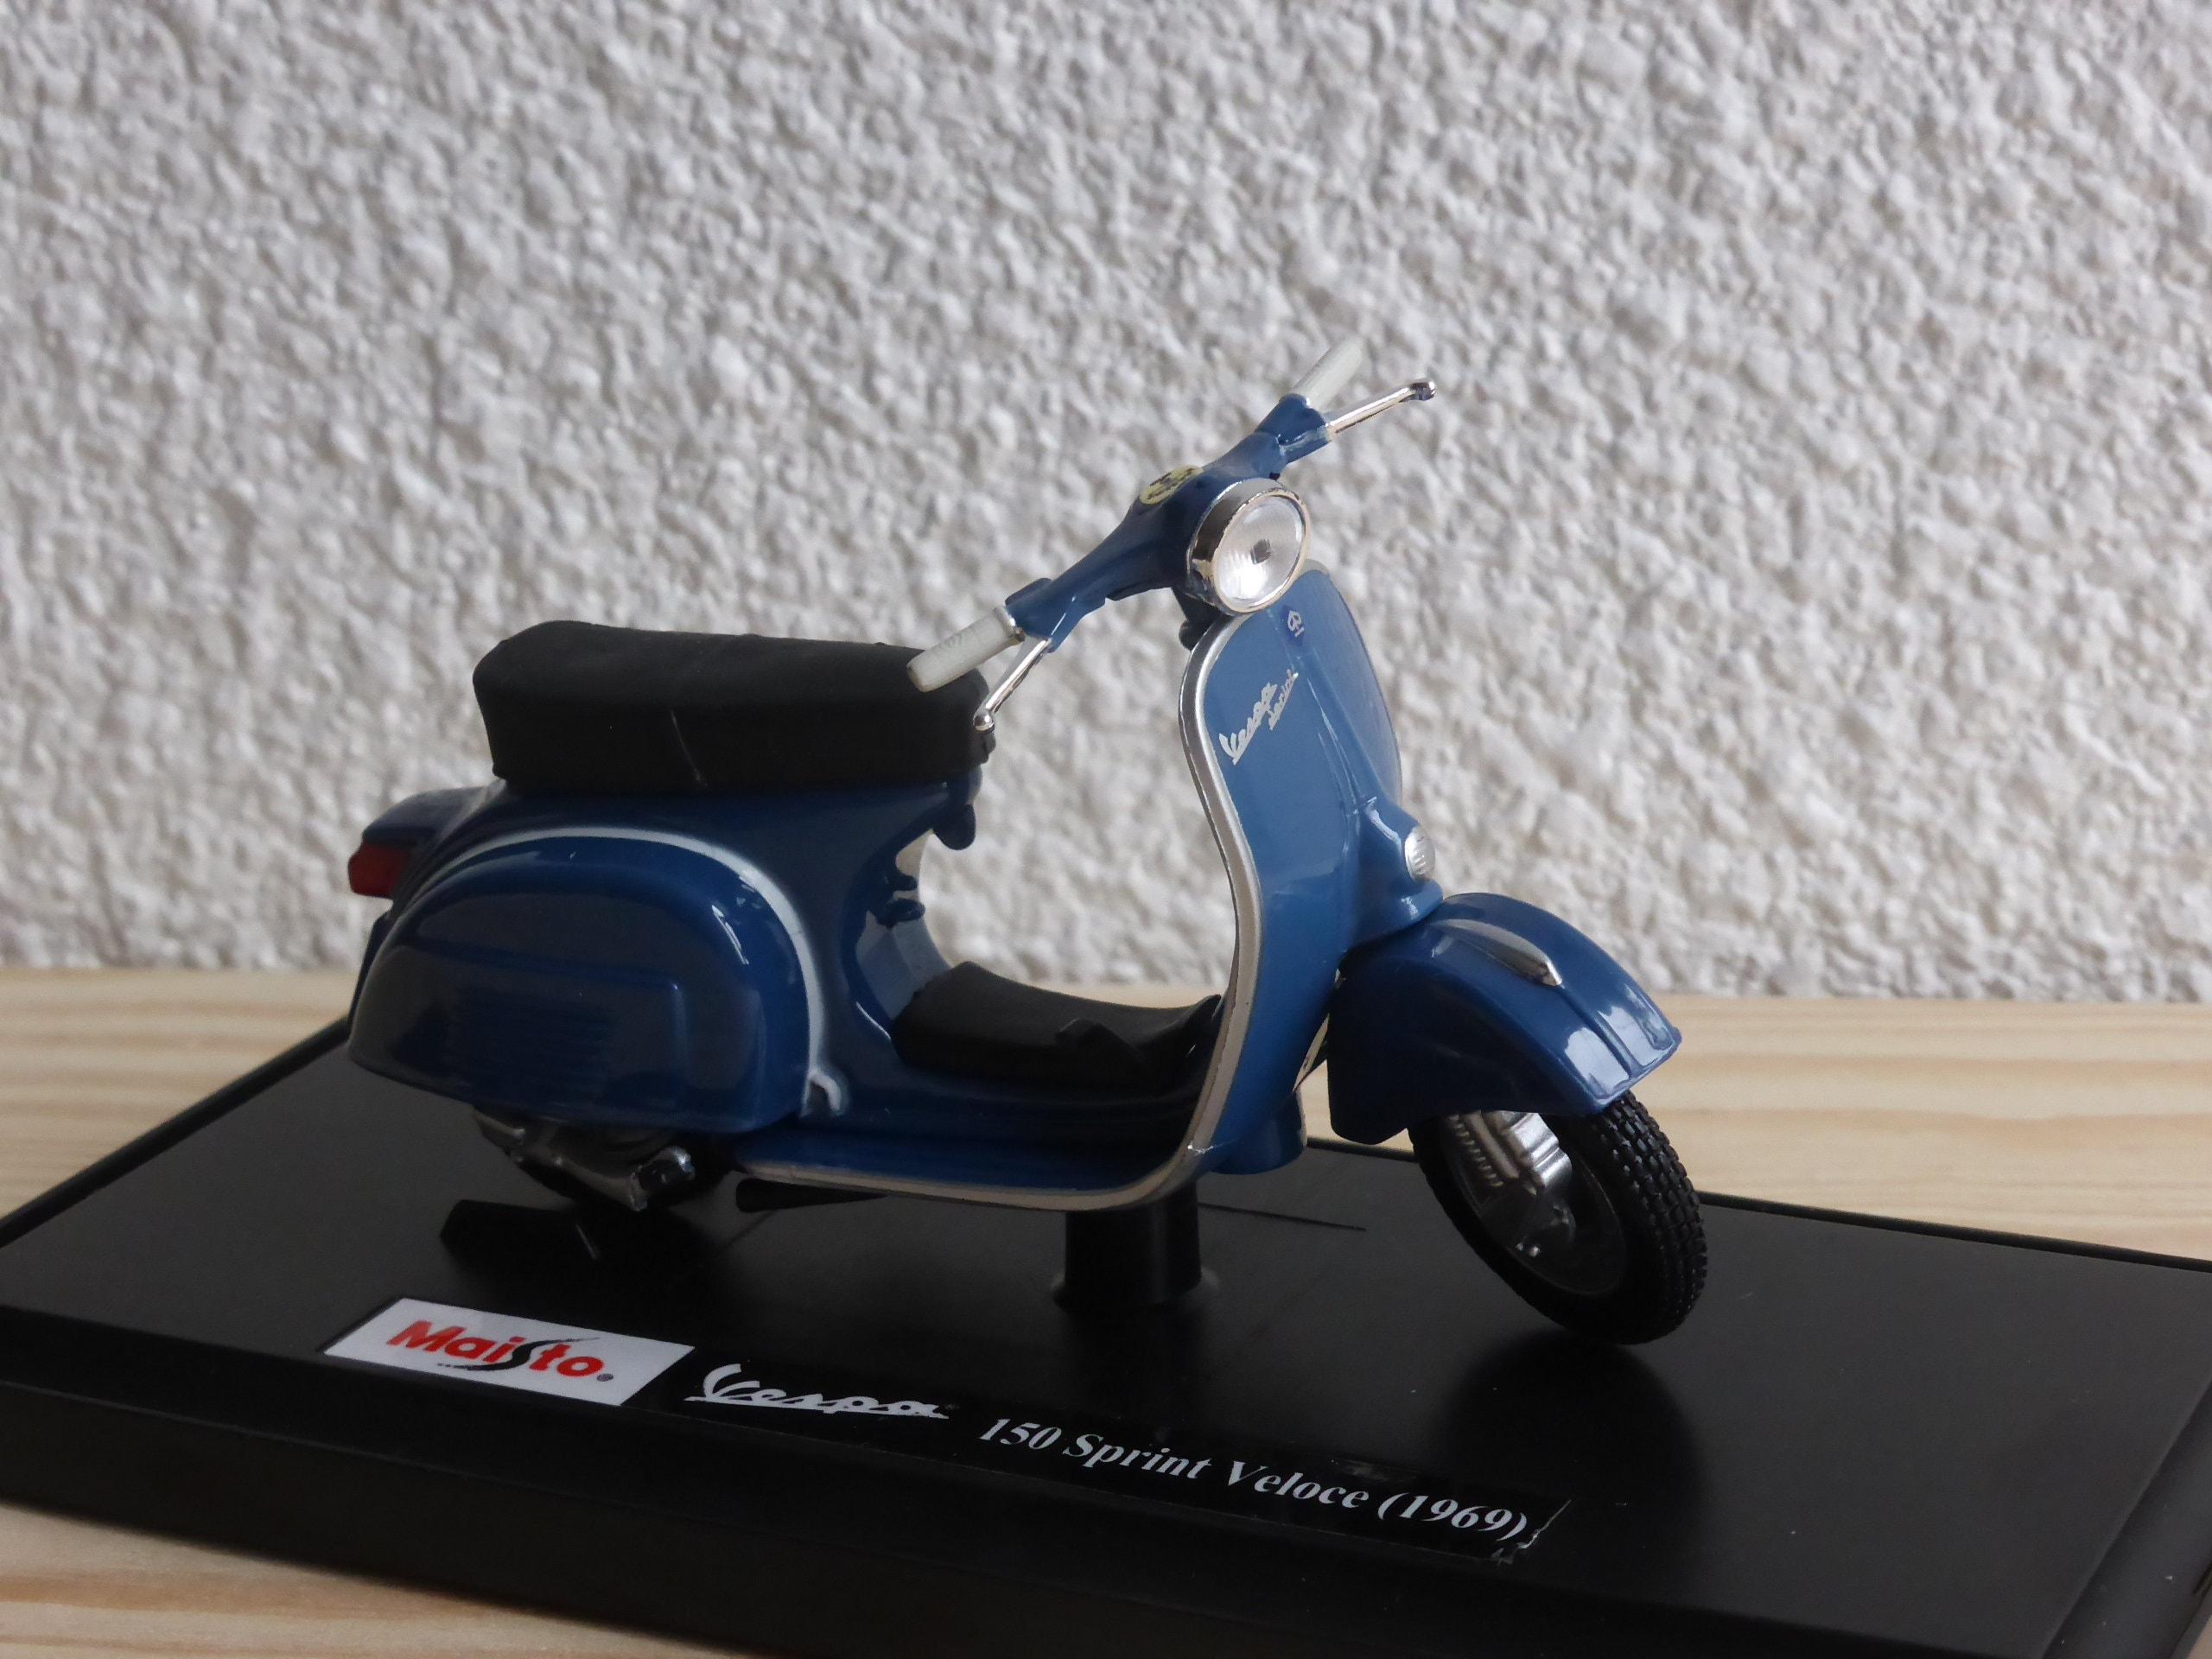 Roller 1:18 Vespa Scooter 150 Sprint Veloce 1969 Maisto mit Wunschkennzeichen